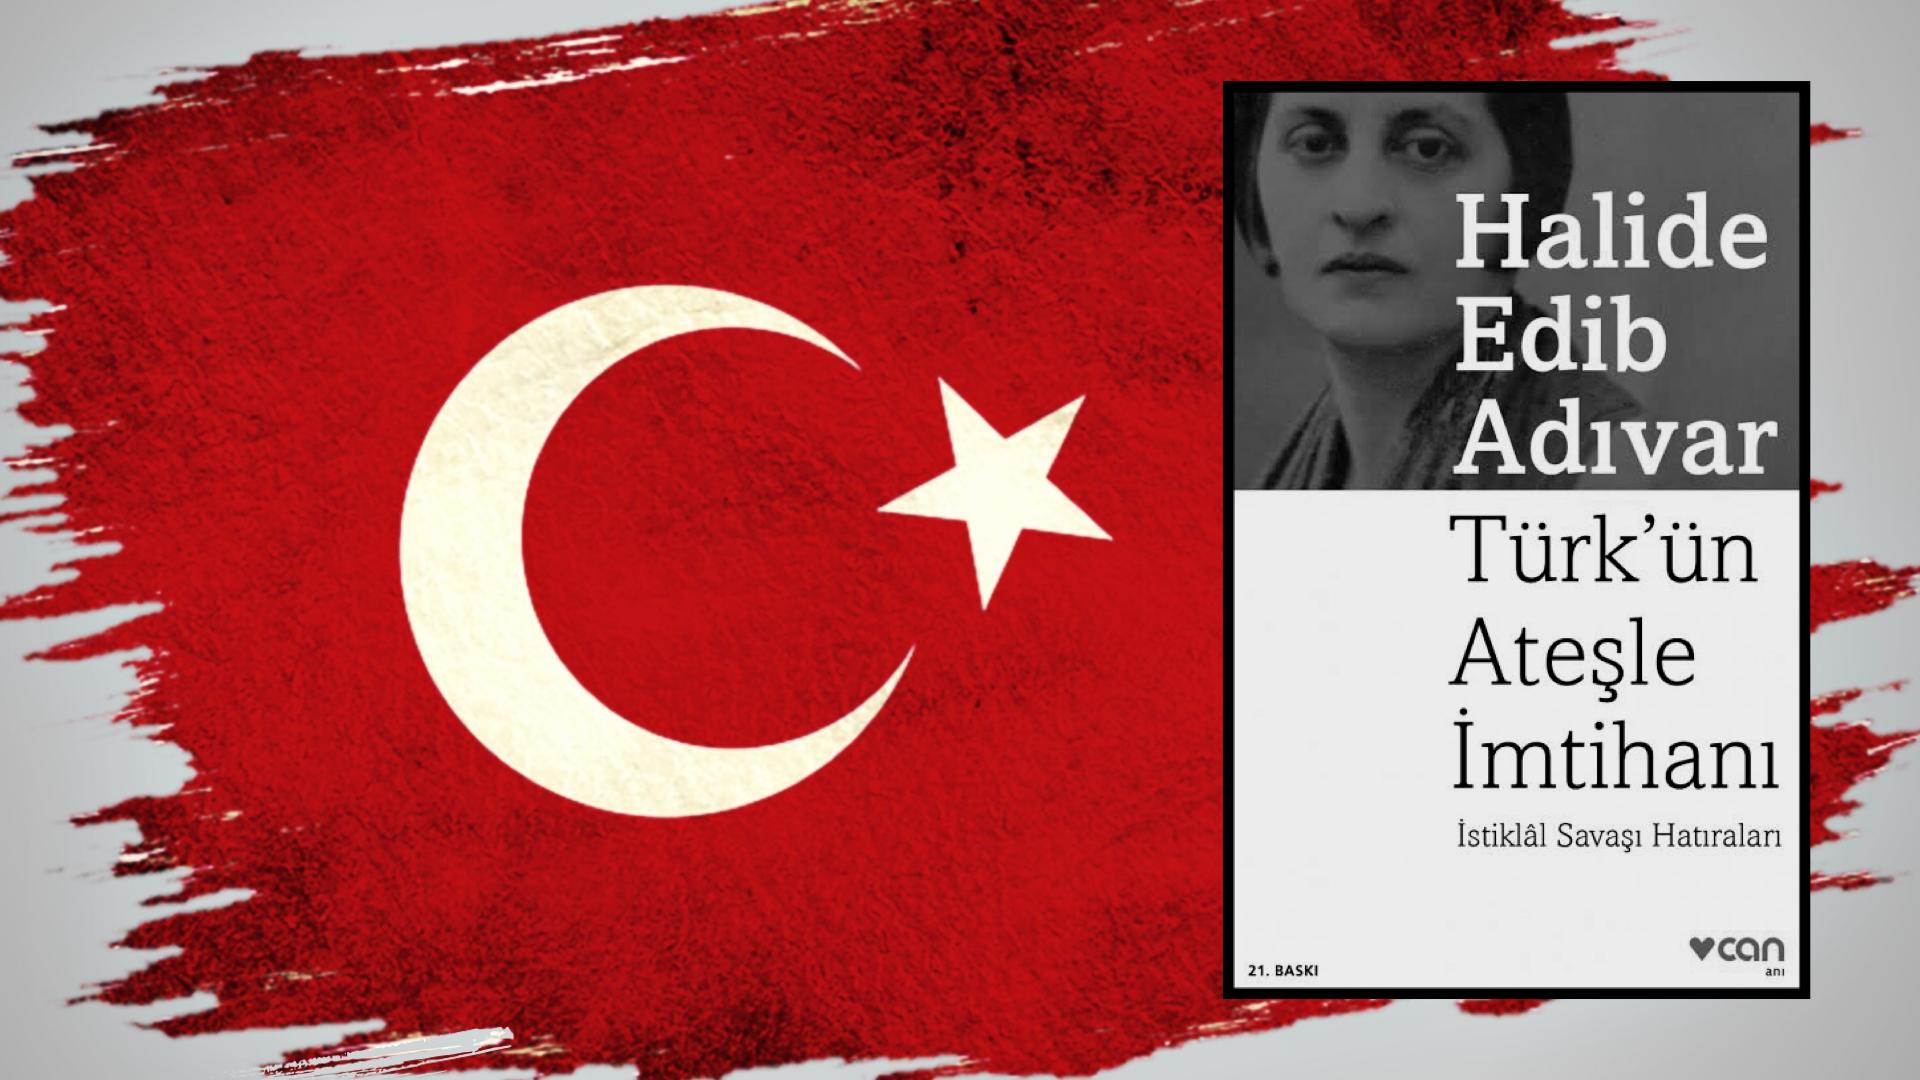 Kitap: Türk'ün Ateşle İmtihanı | İstiklal Savaşı Hatıraları | Yazar: Halide Edip Adıvar | Yorumlayan: Hülya Erarslan